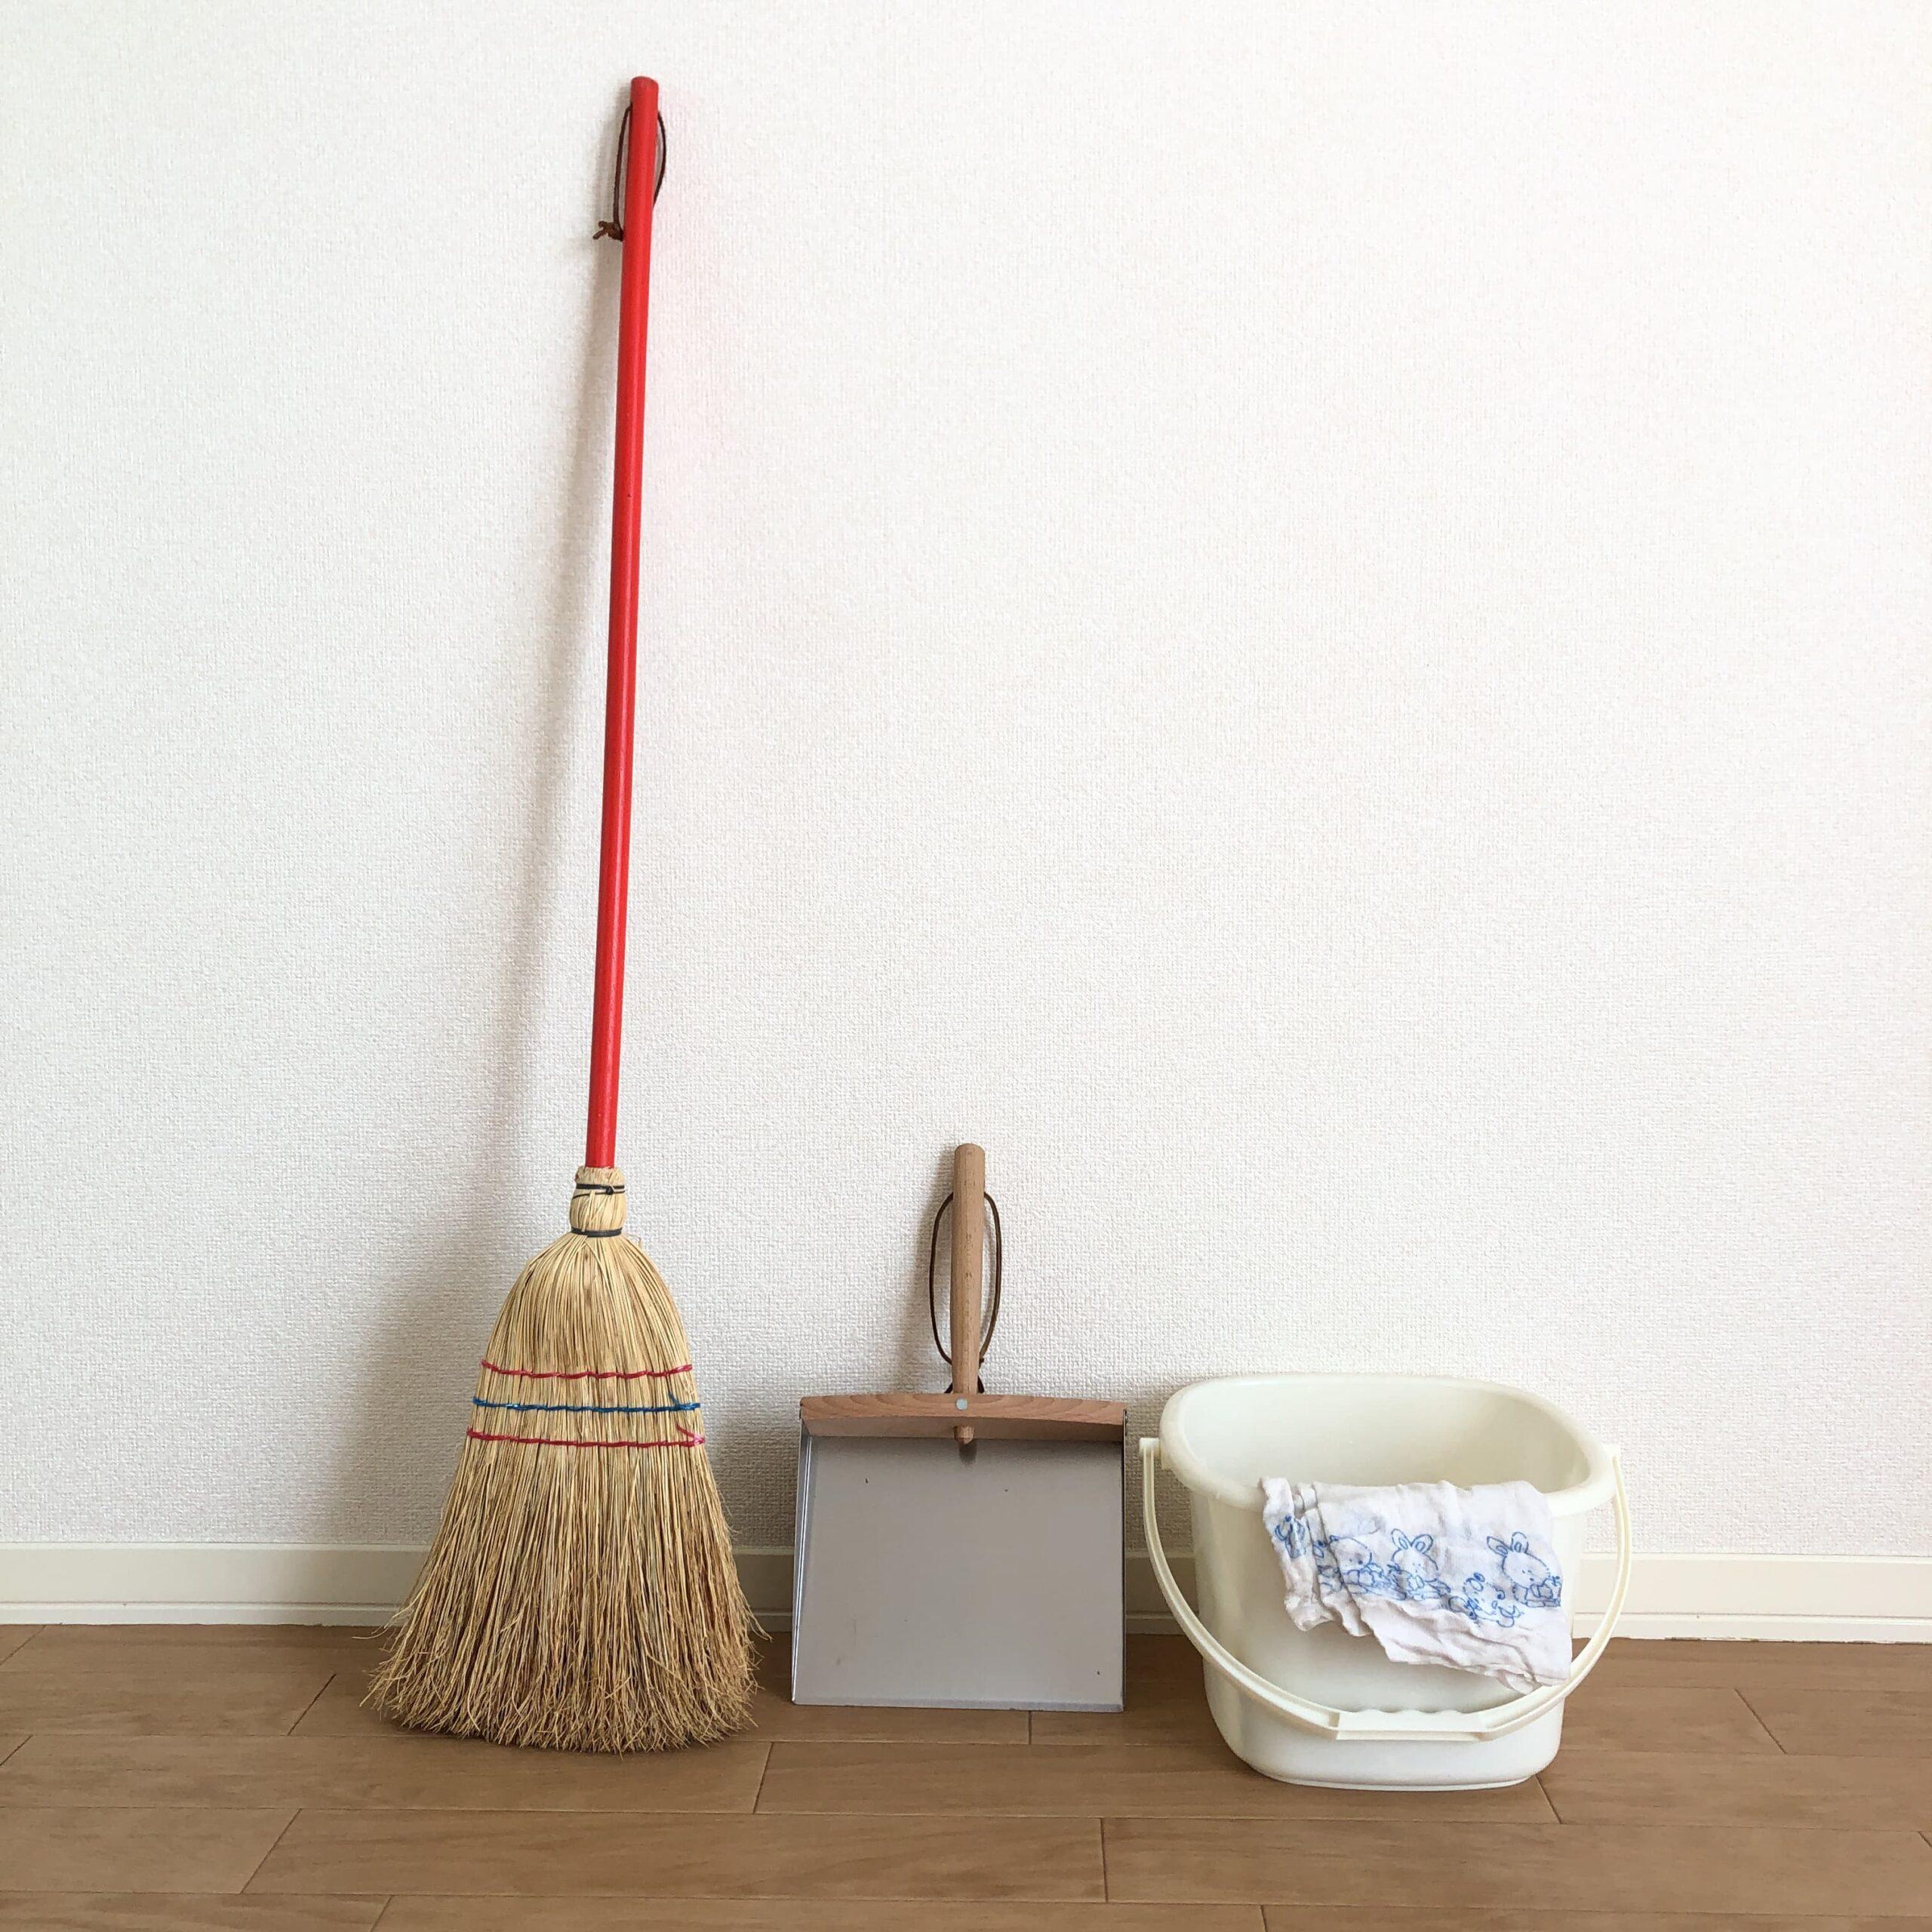 ドイツの老舗ブラシメーカー、レデッカー!毎日の掃除が楽しく、好きになる掃除道具!